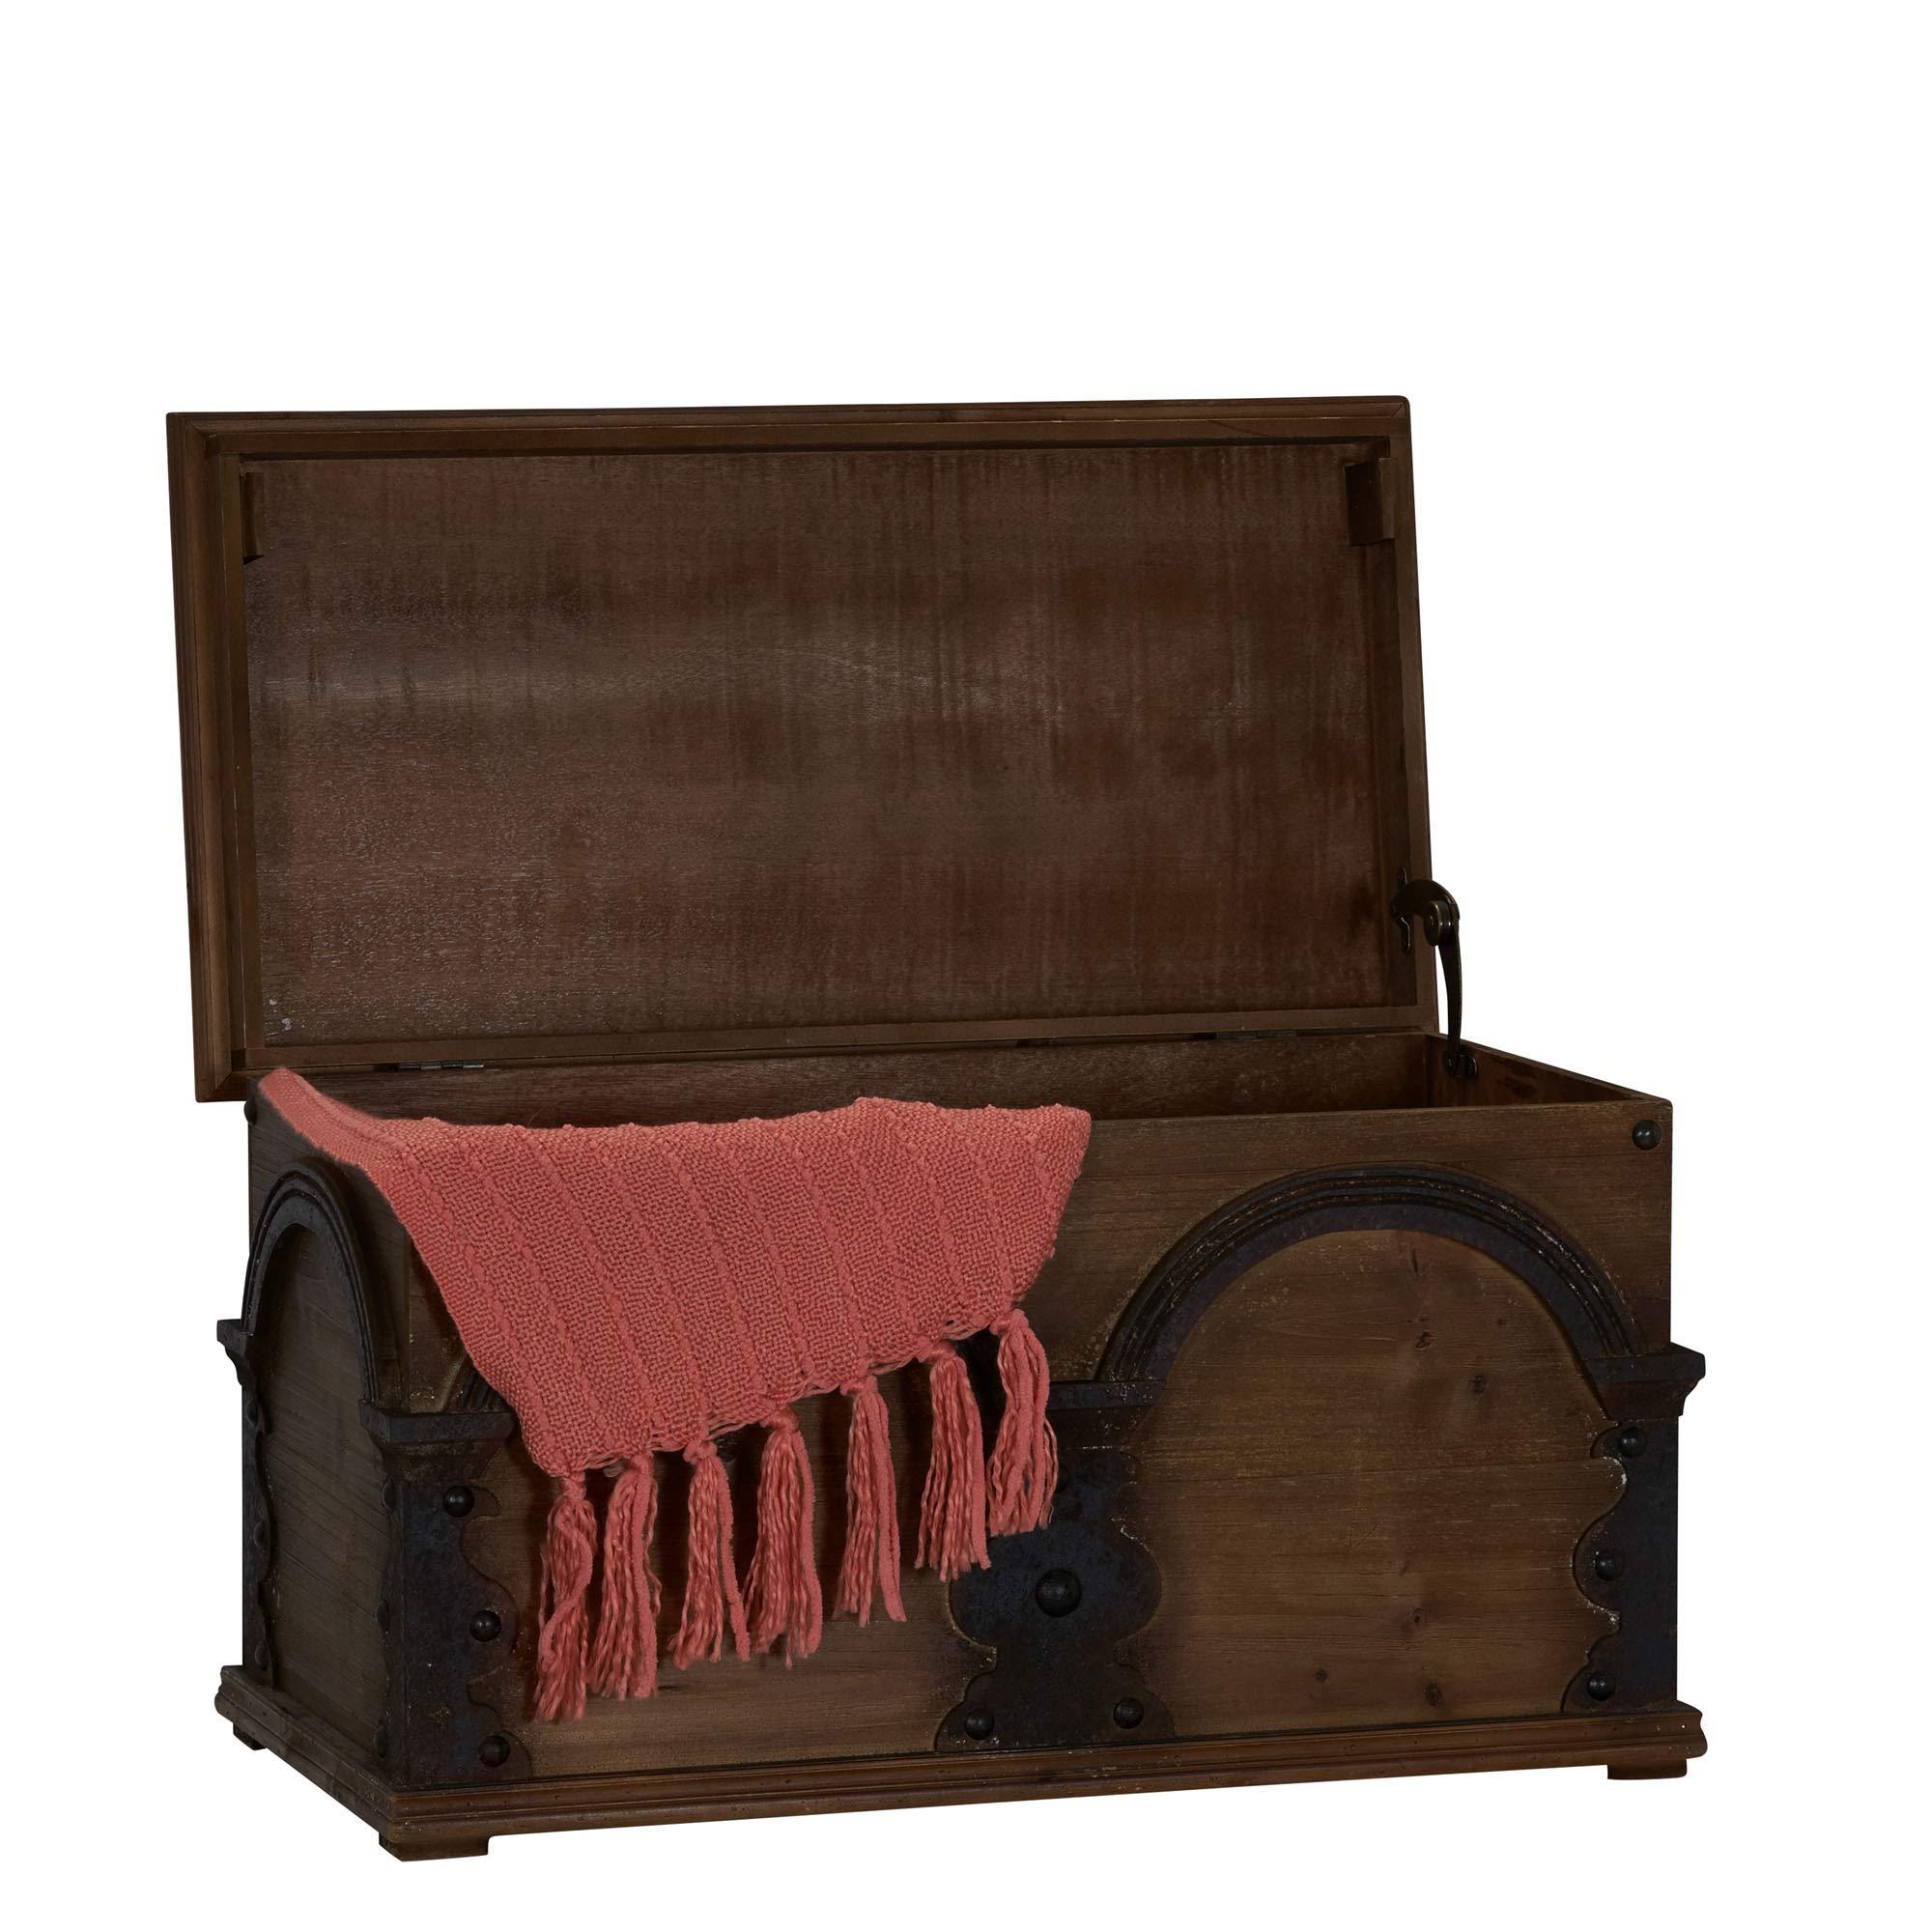 Household Essentials Wooden Trunk Storage